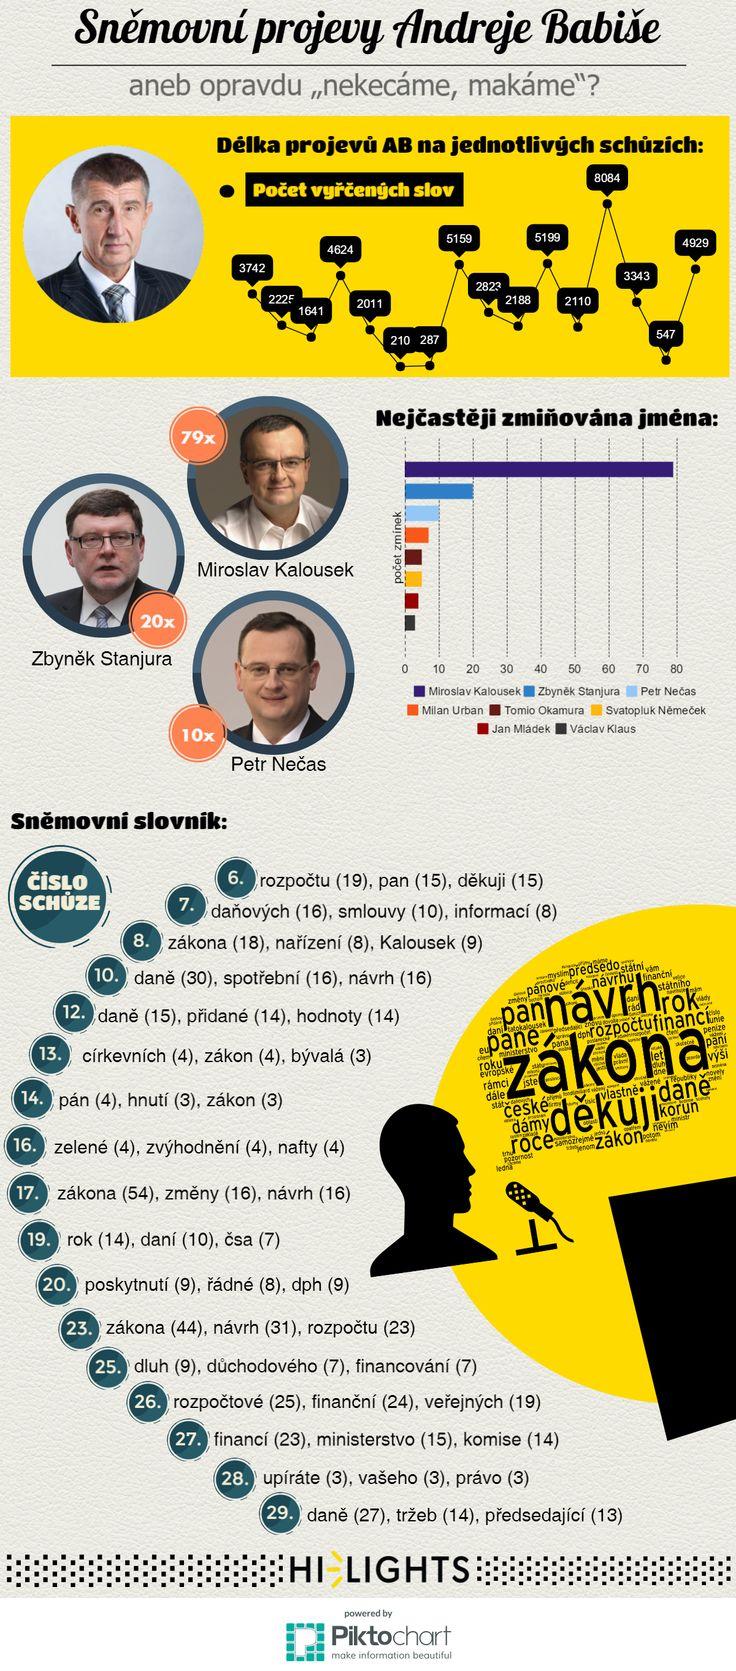 Rozebrali jsme všech 49 122 slov vyřčených Andrejem Babišem na sněmovních schůzích